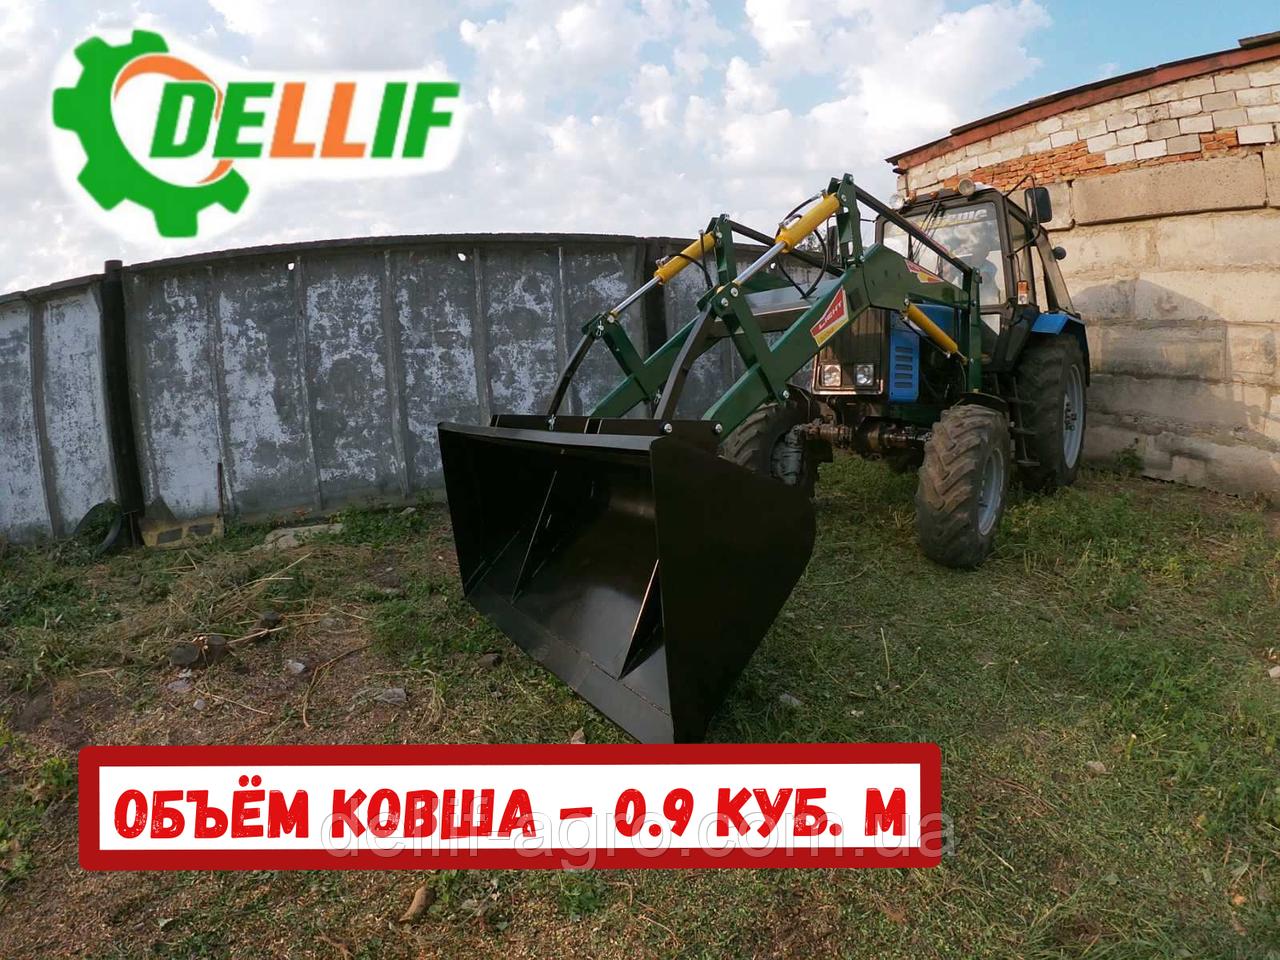 Навантажувач на МТЗ, ЮМЗ, Т 40 - Dellif Ligh 1200 з ковшем об'ємом 0.9 м3